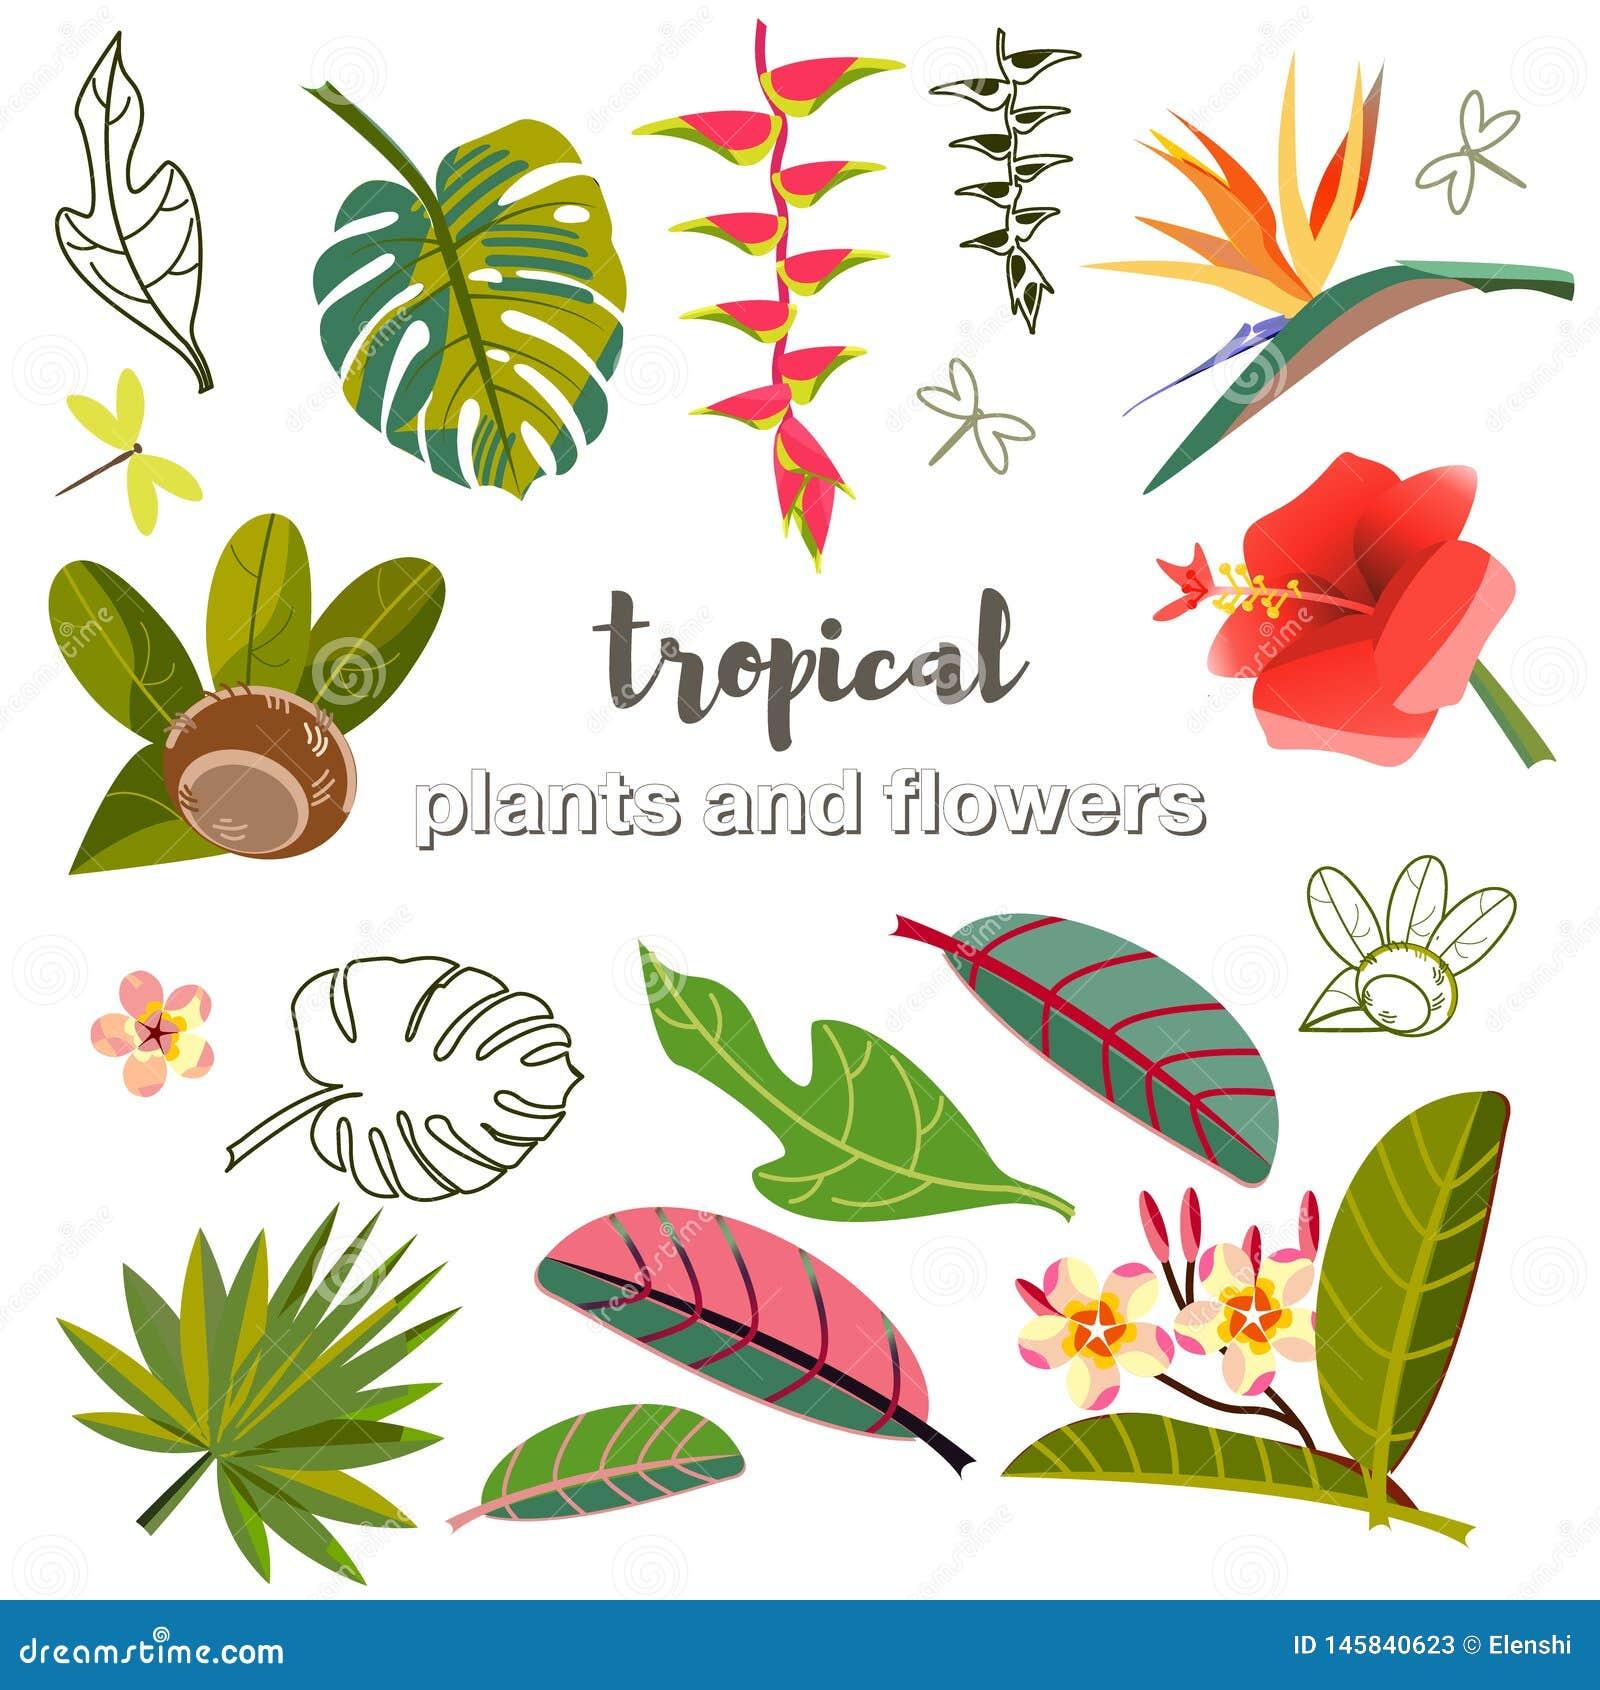 Vastgestelde vectorbeelden van bladeren, bloemen en vruchten stylization van Tropische installaties